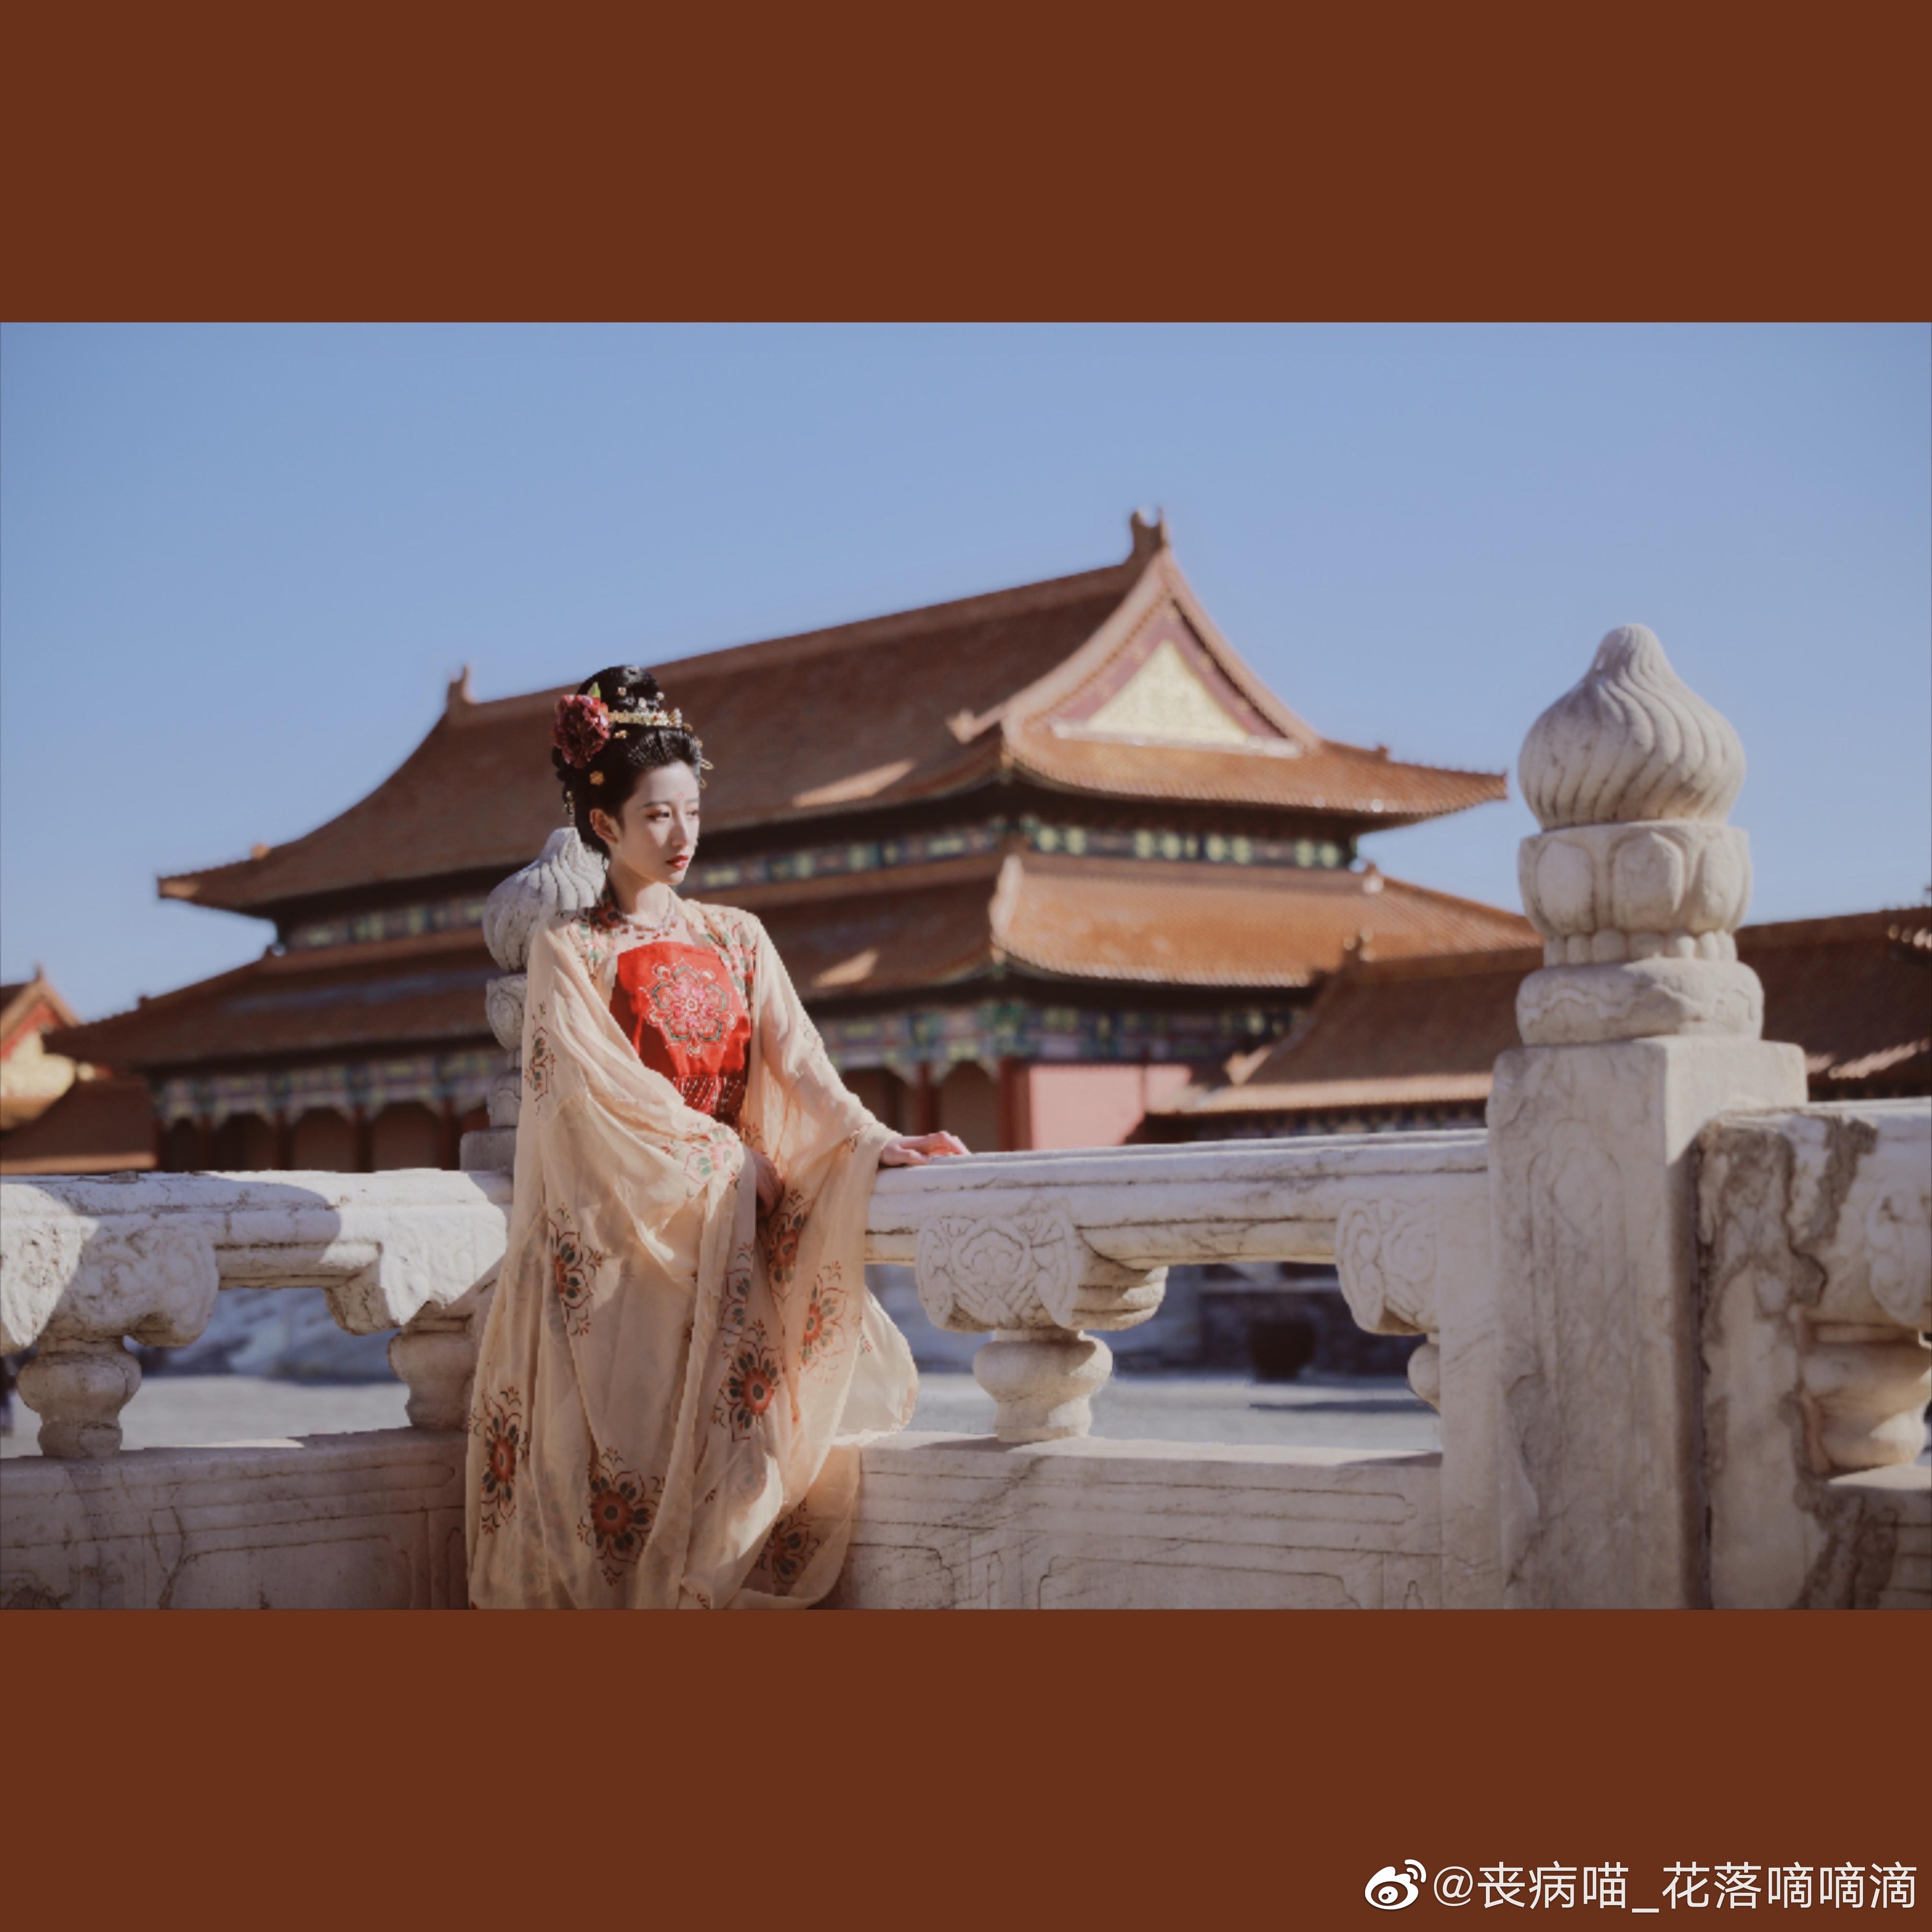 公主日记北京约拍上海约拍发点这半年喜欢的图美女